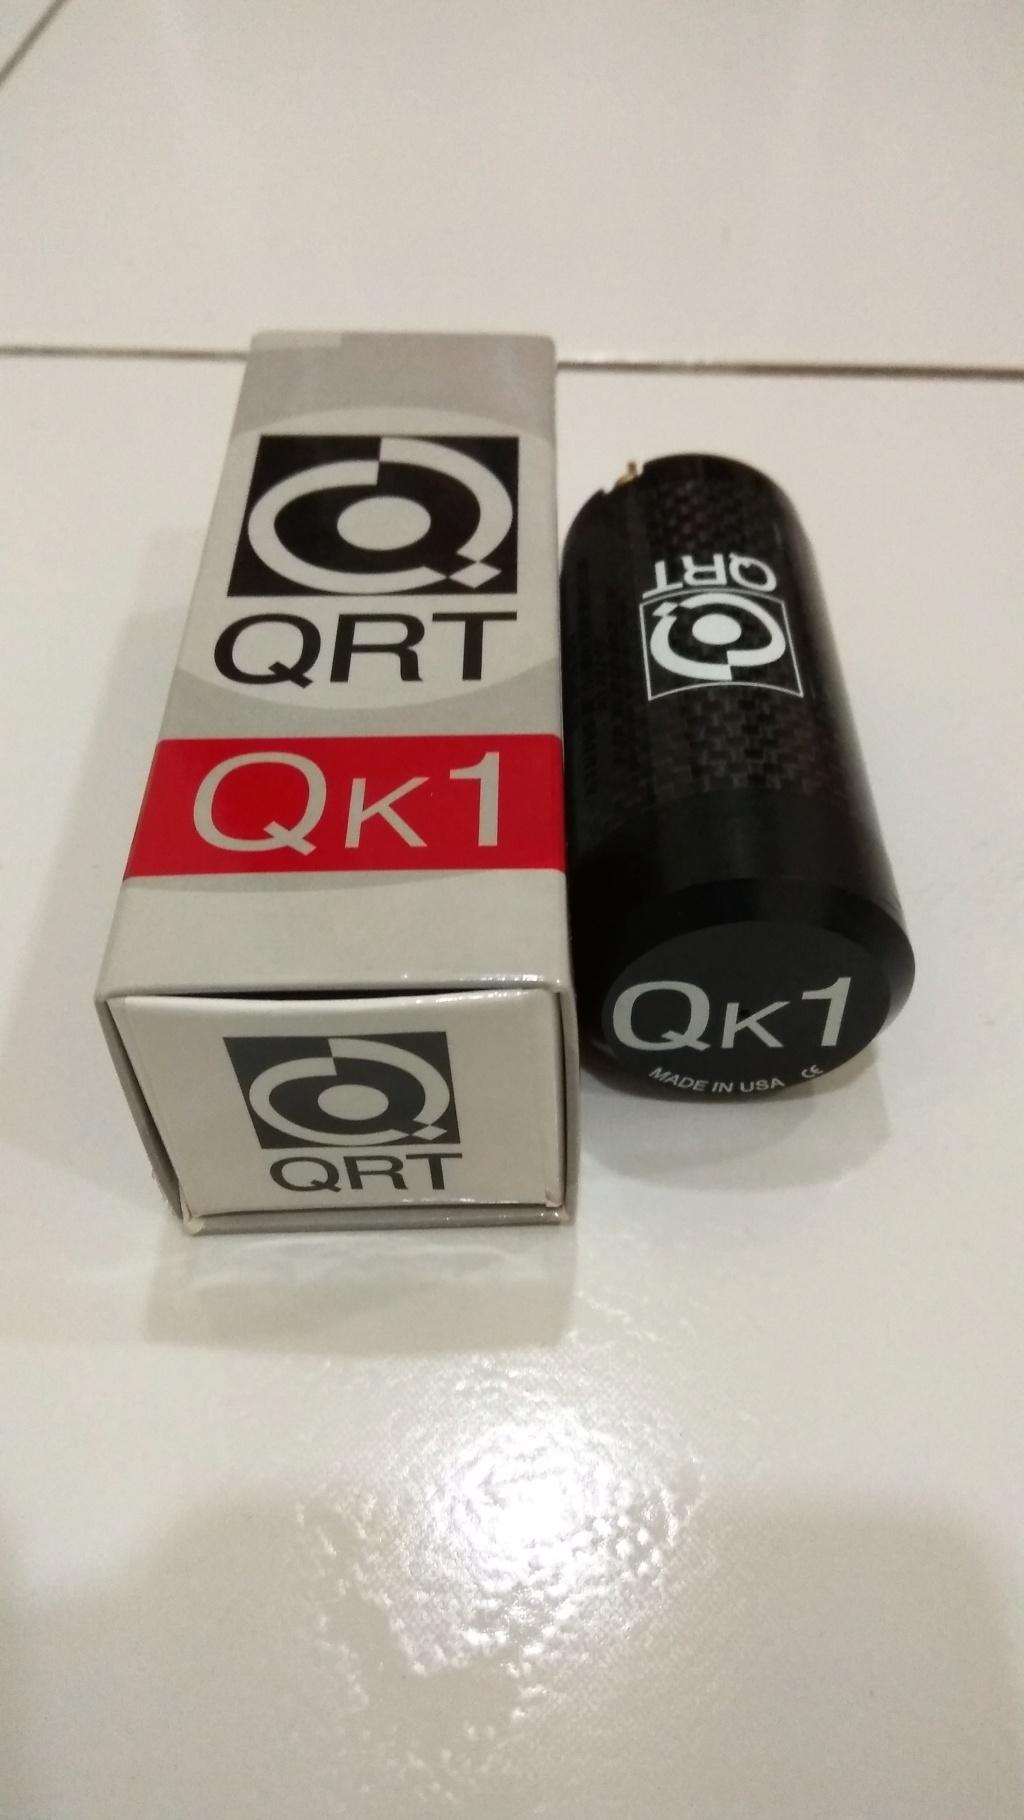 Nordost QRT QK1 AC Line Enhancer (Sold) Img_2018